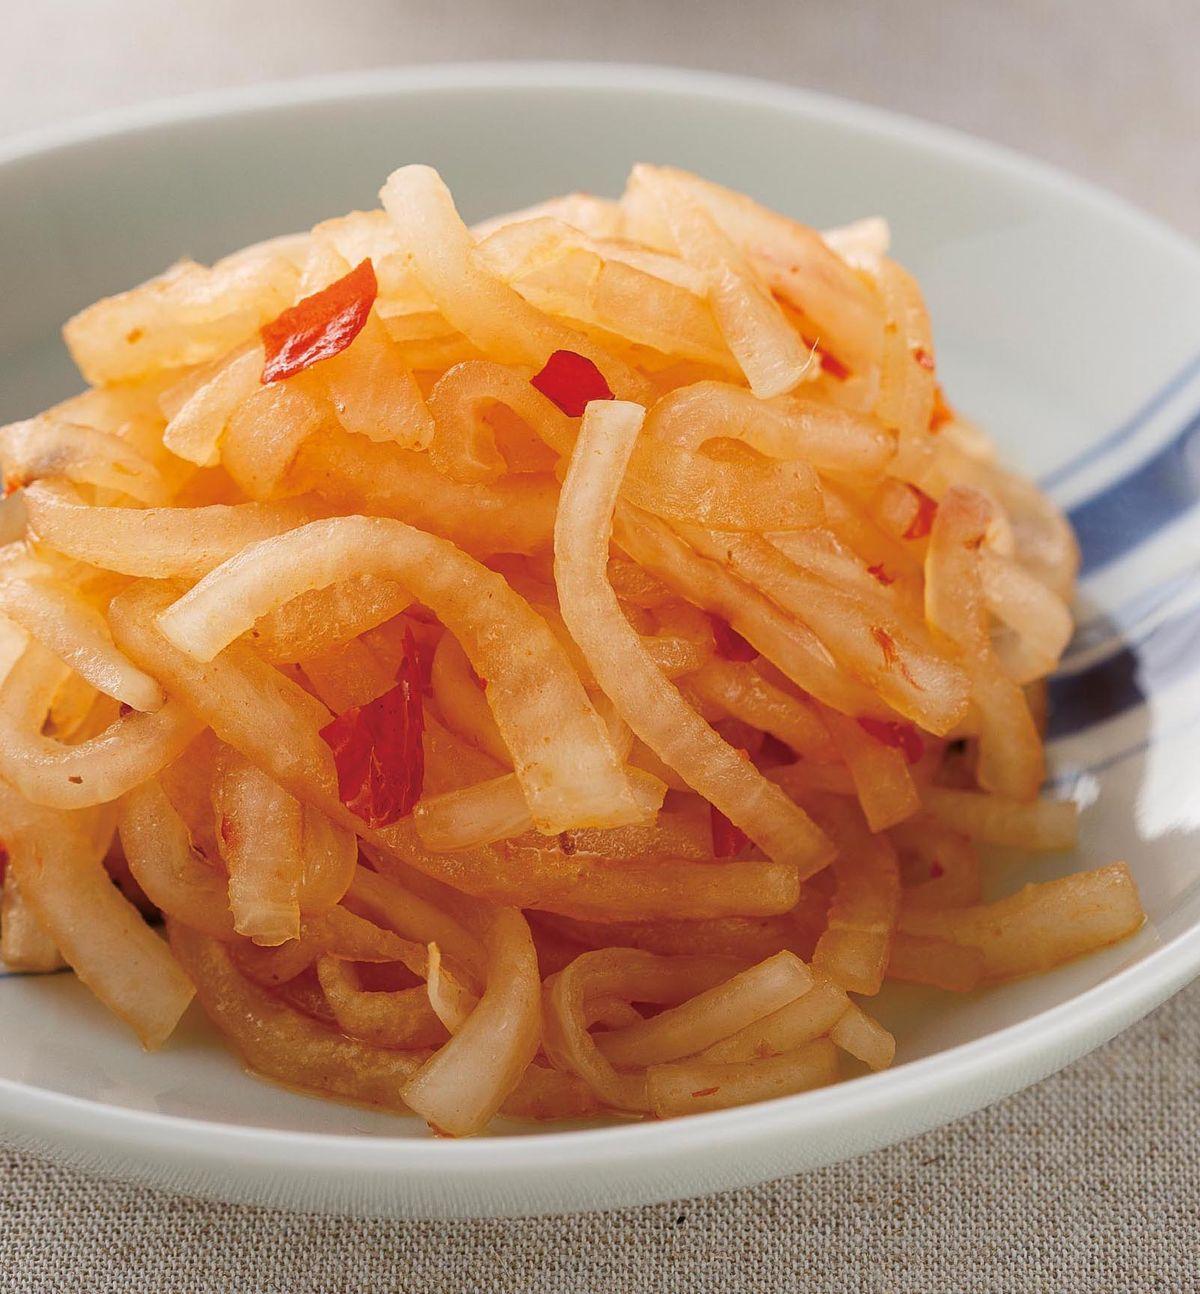 食譜:豆瓣醋辣醬白蘿蔔